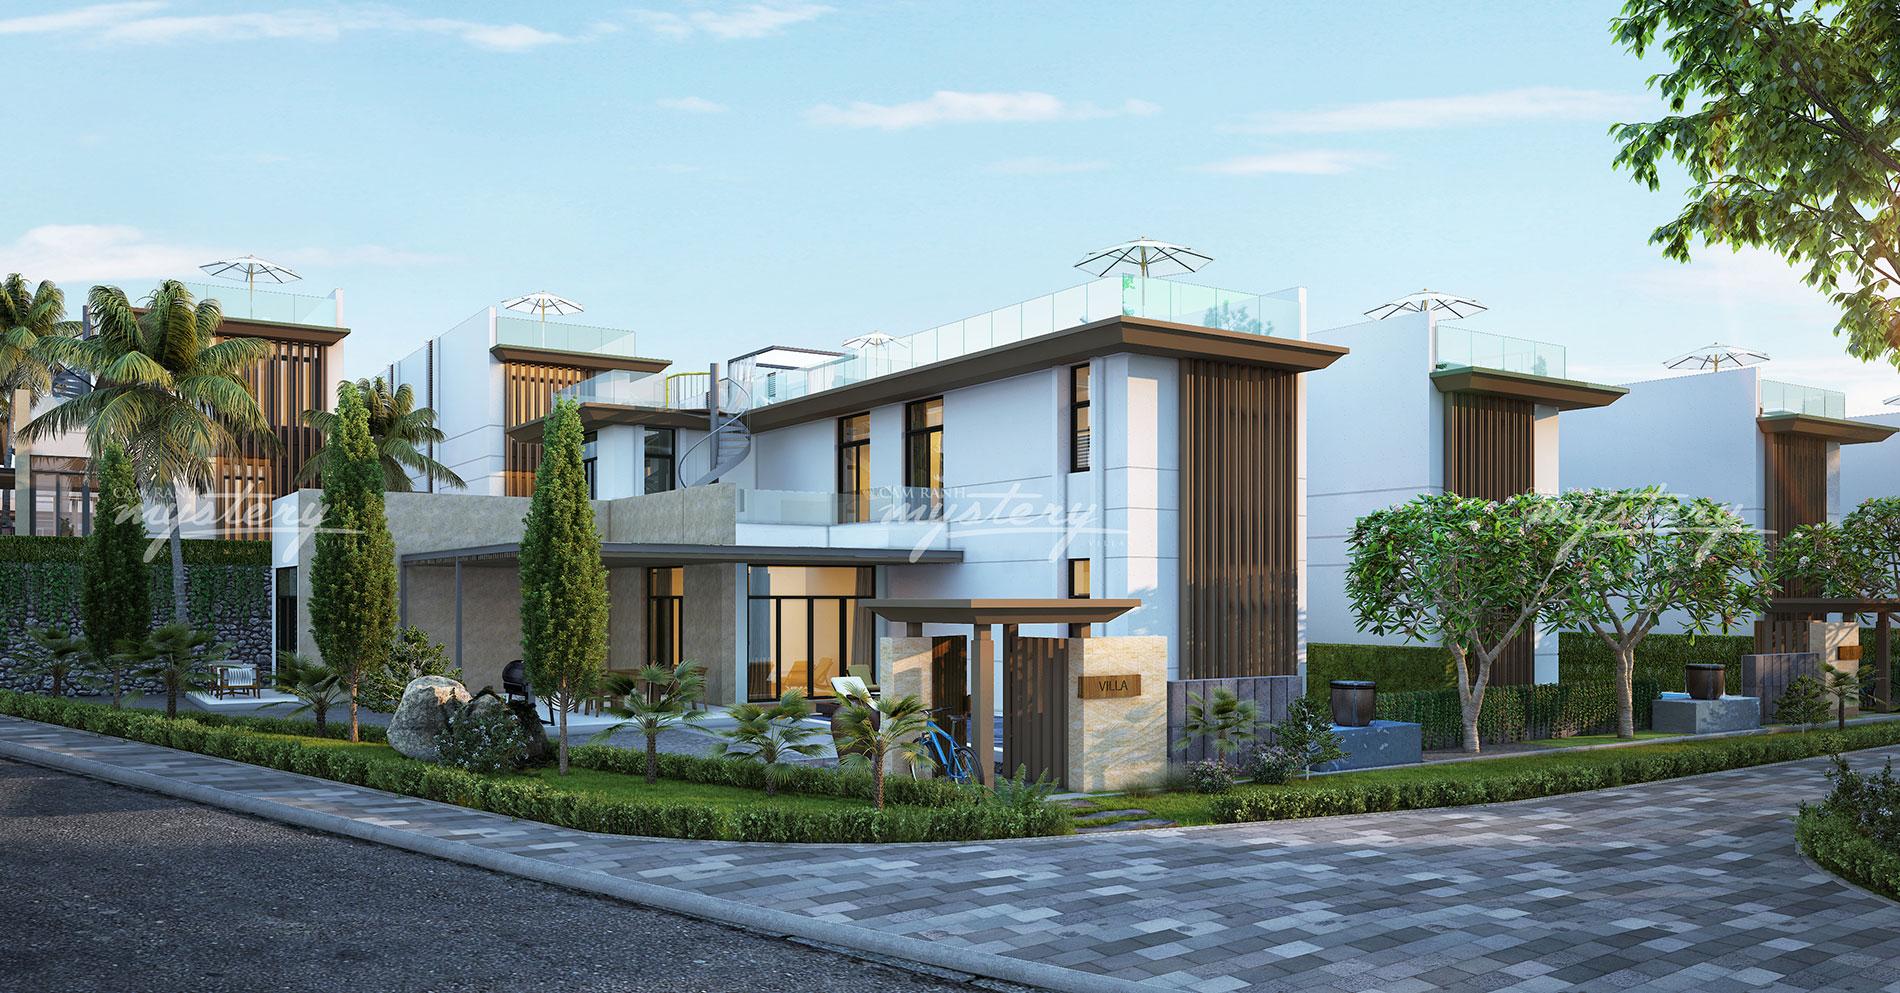 Mẫu biệt thự Cam Ranh Mystery Villas của tập đoàn Hưng Thịnh